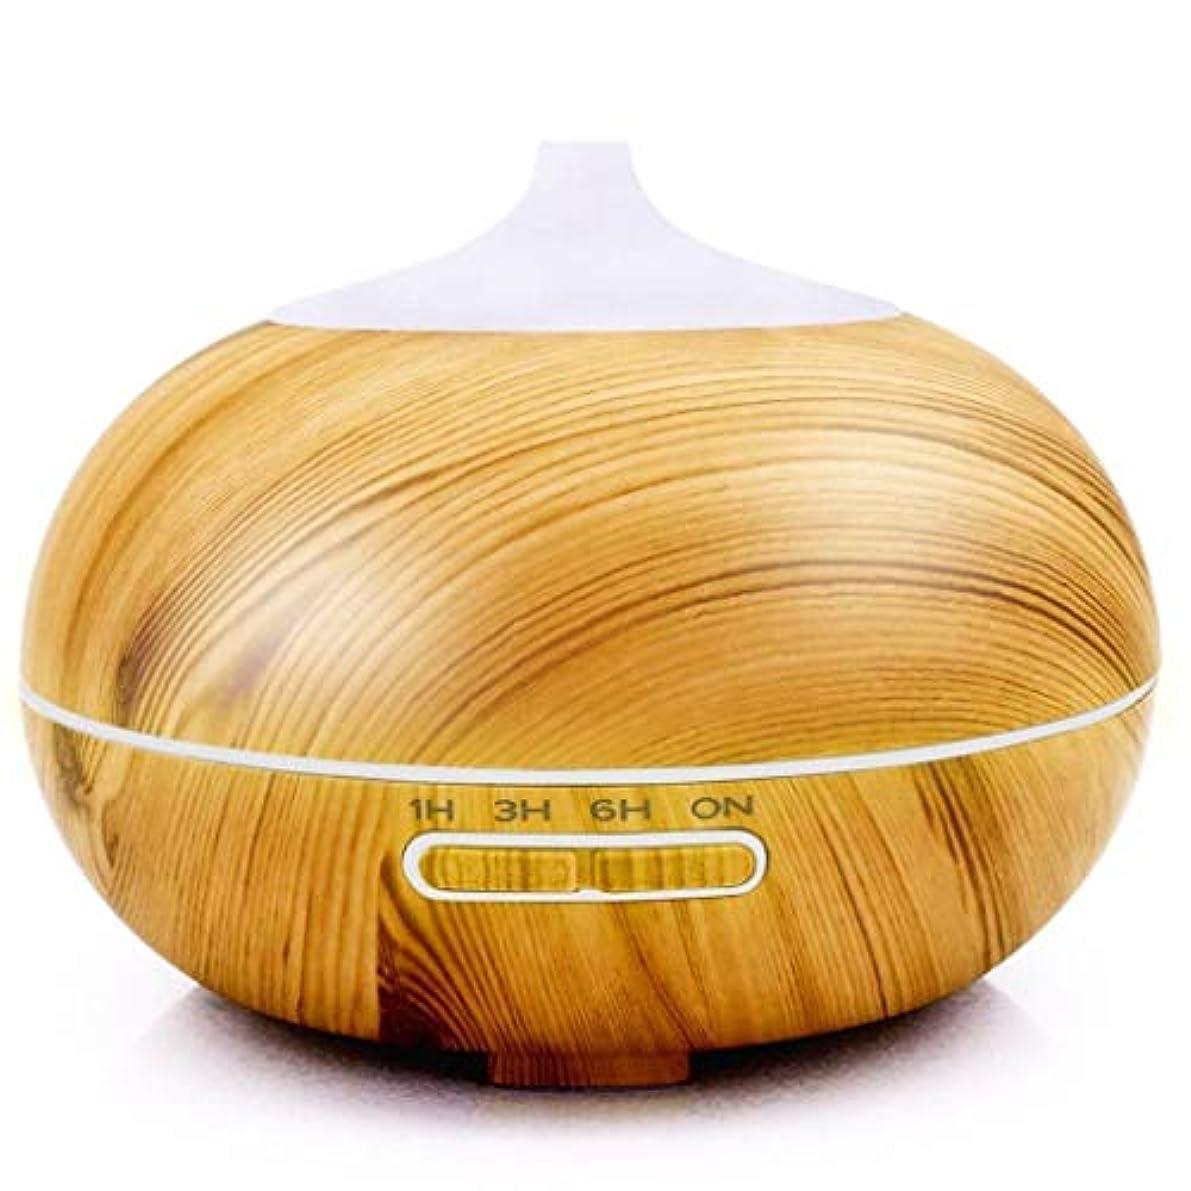 突然不快300ミリリットルエッセンシャルオイルディフューザーアロマディフューザー木材穀物アロマディフューザーで7色ledライトウォーターレス自動シャットオフ用ホームオフィスヨガ (Color : Light Wood Grain)